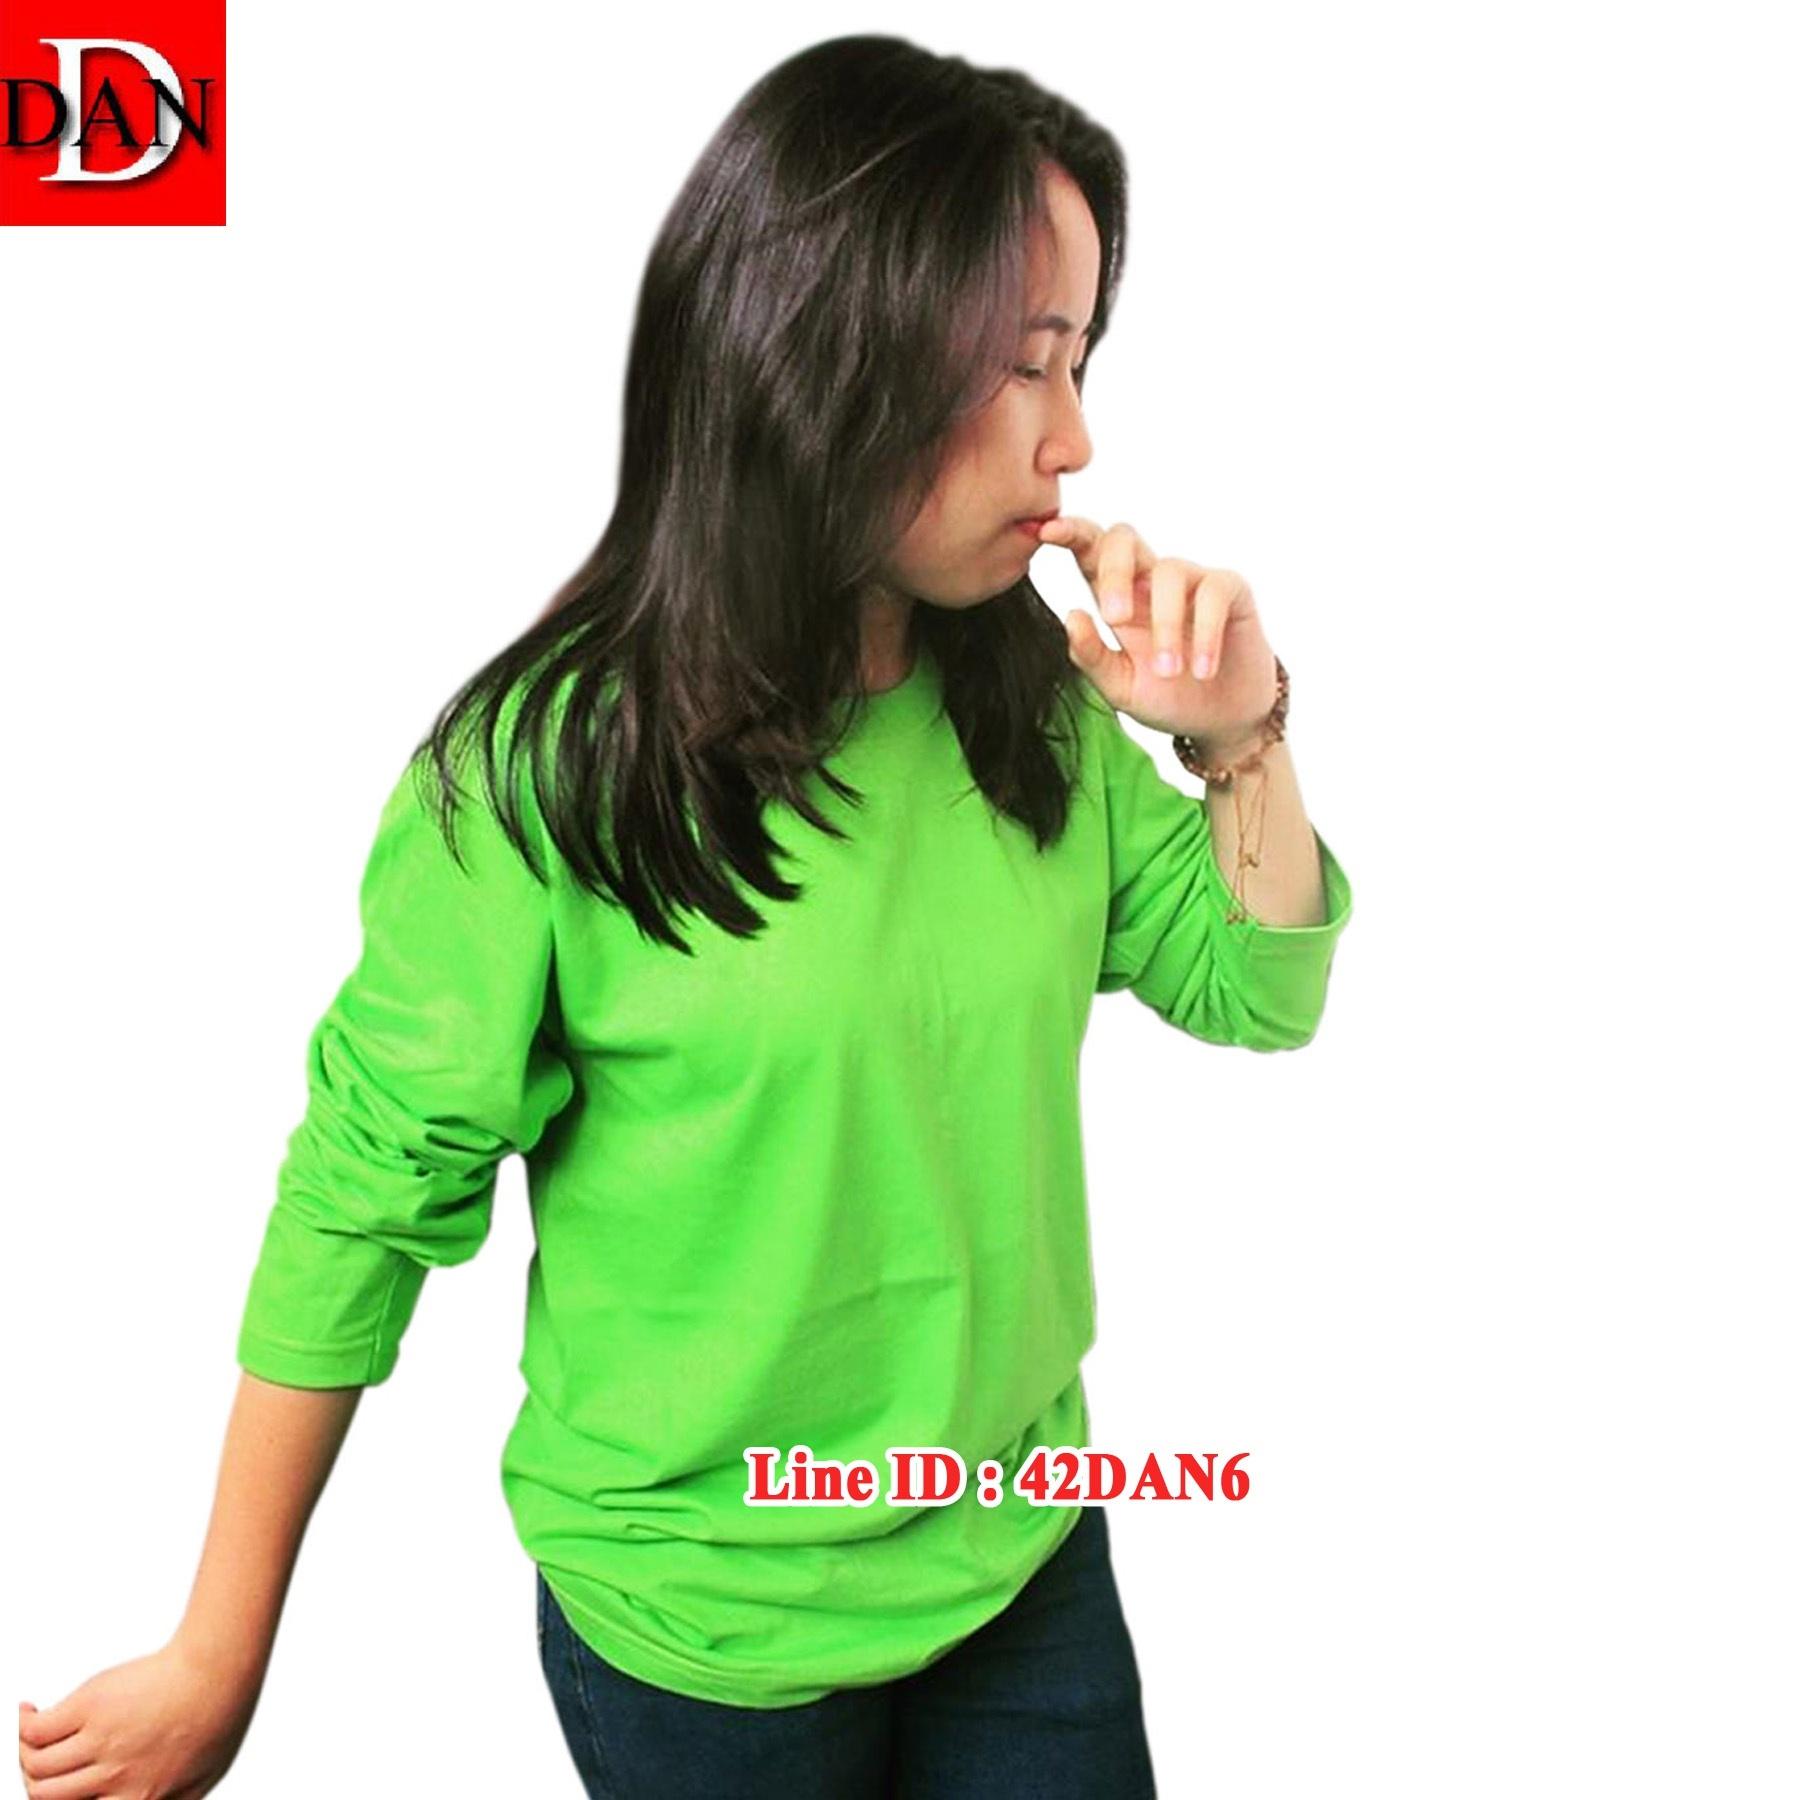 เสื้อแขนยาว คอลกม สีเขียวตอง